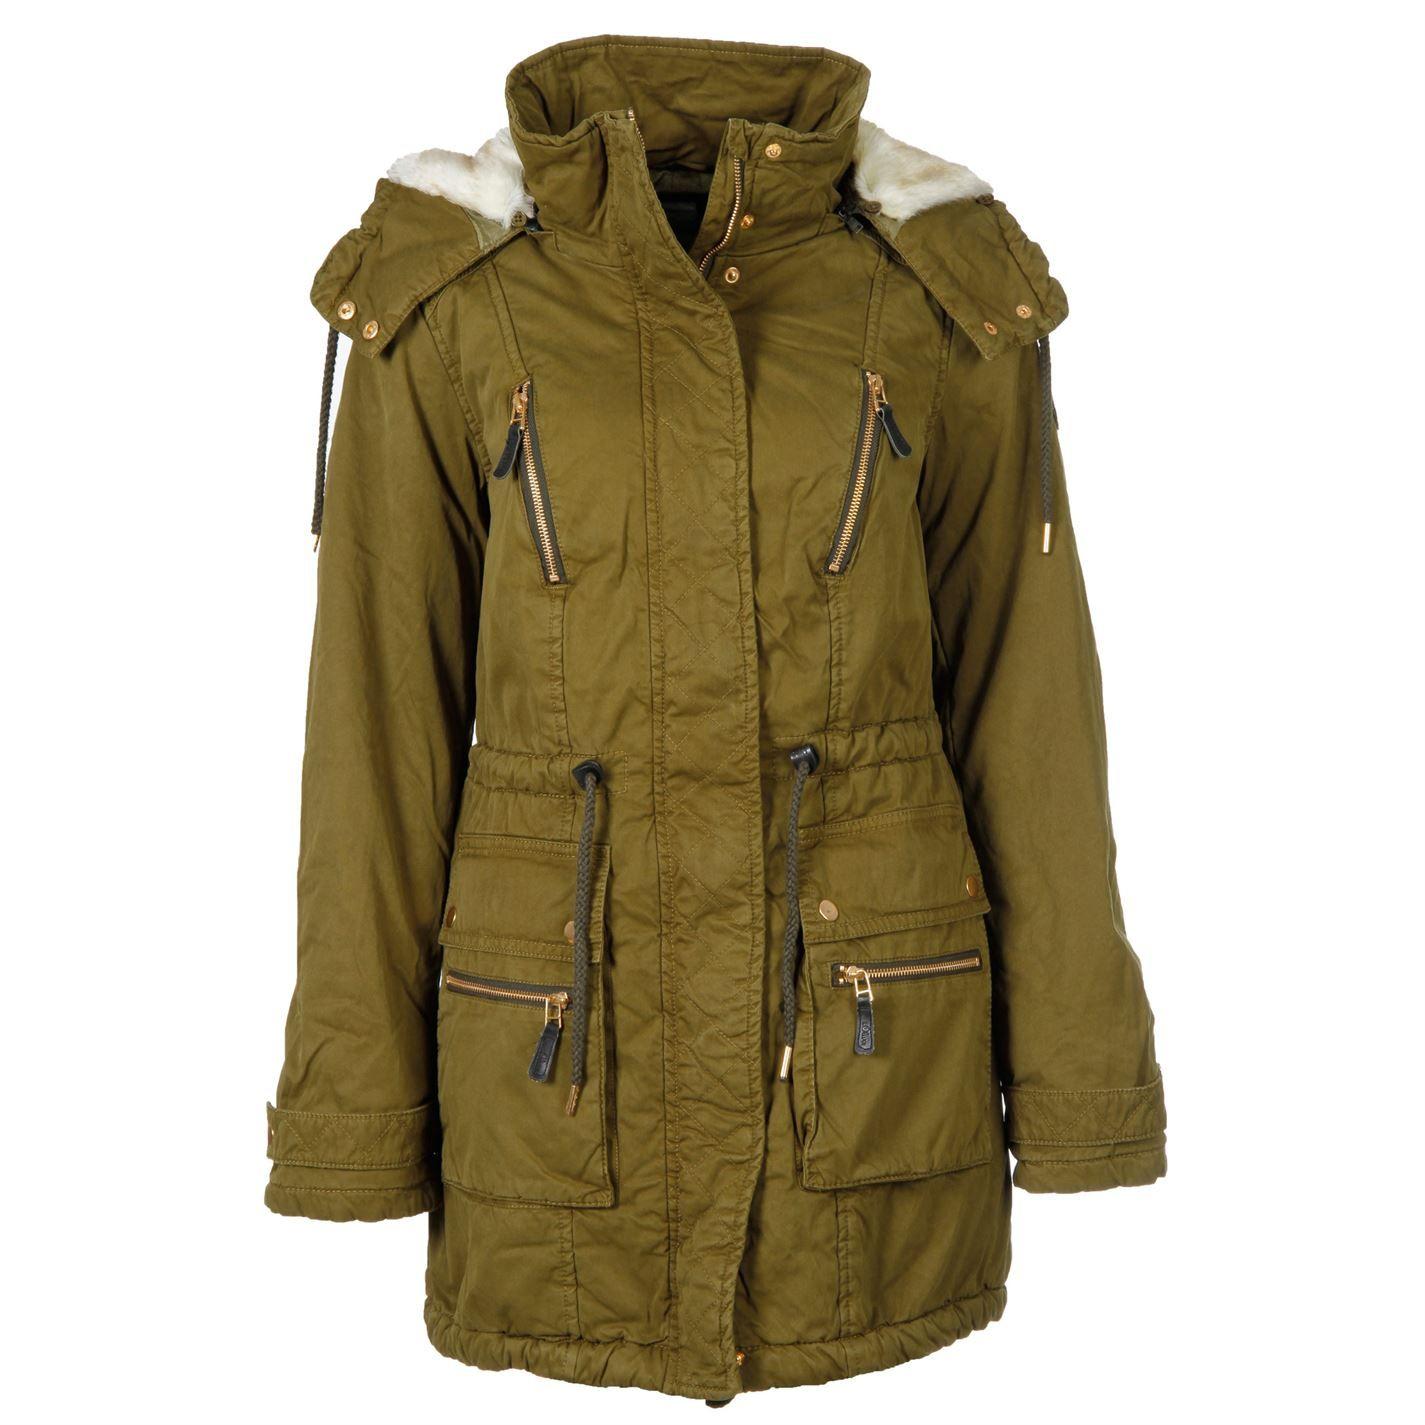 Mantel Coat Ladies | Coats for women, Coat, Jackets for women